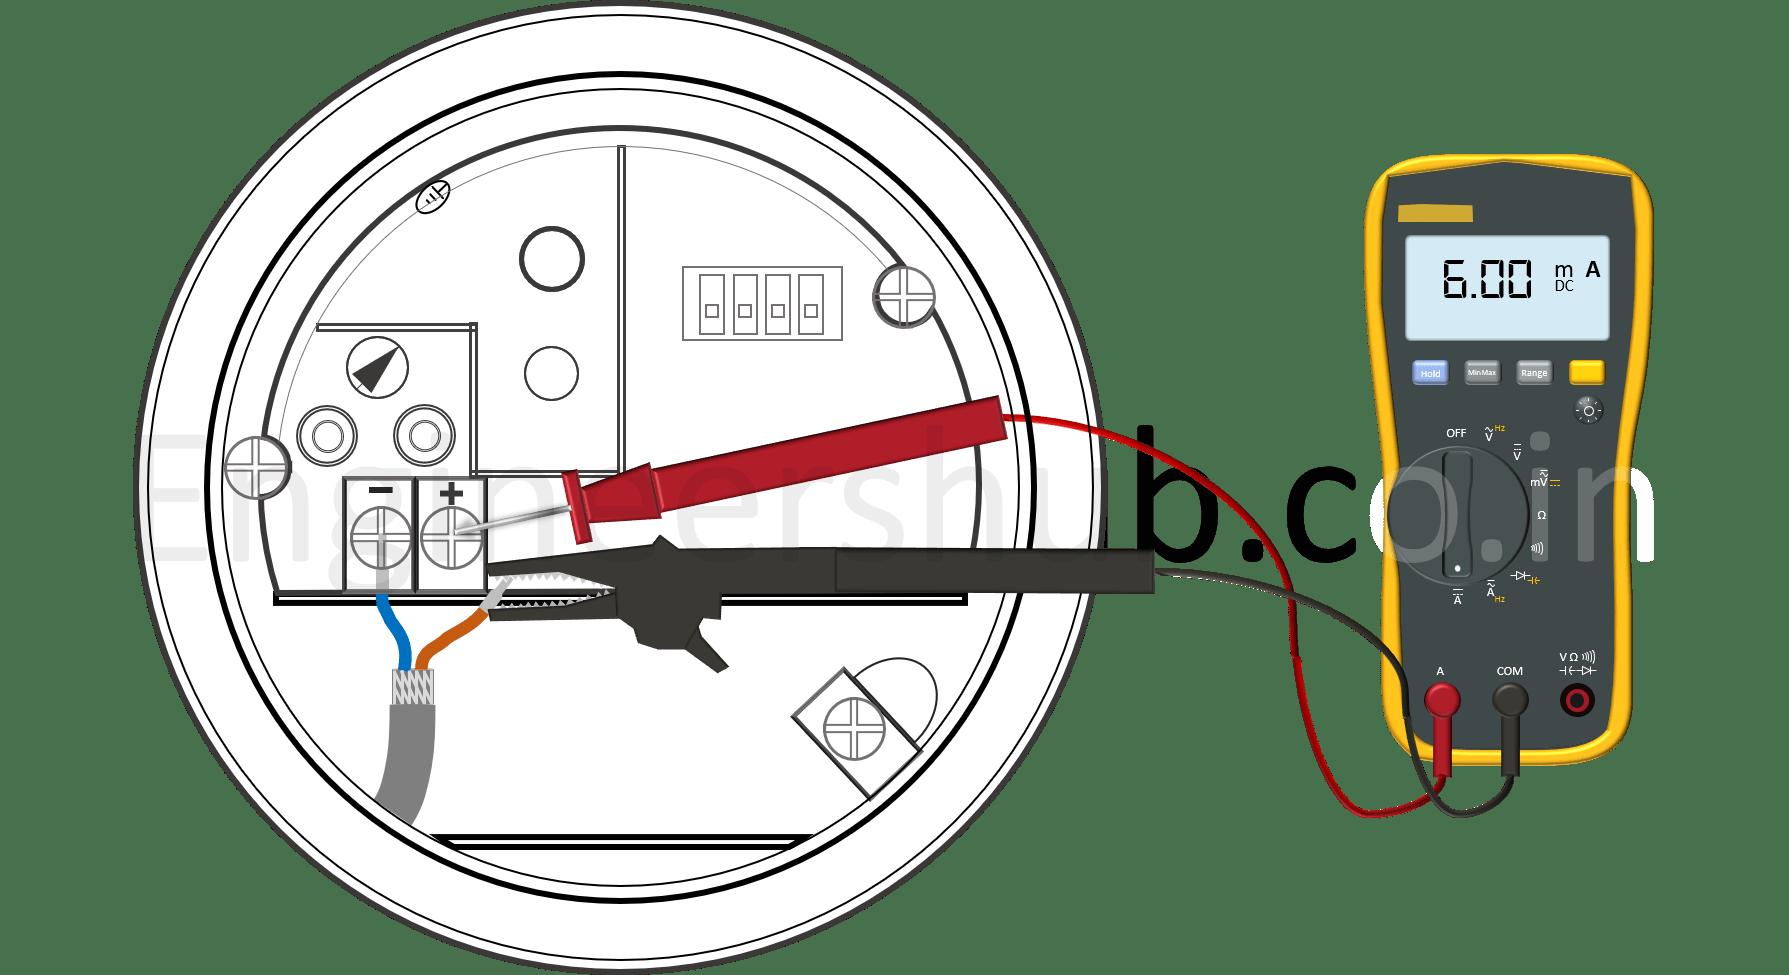 Measuring 4-20mA by breaking the loop